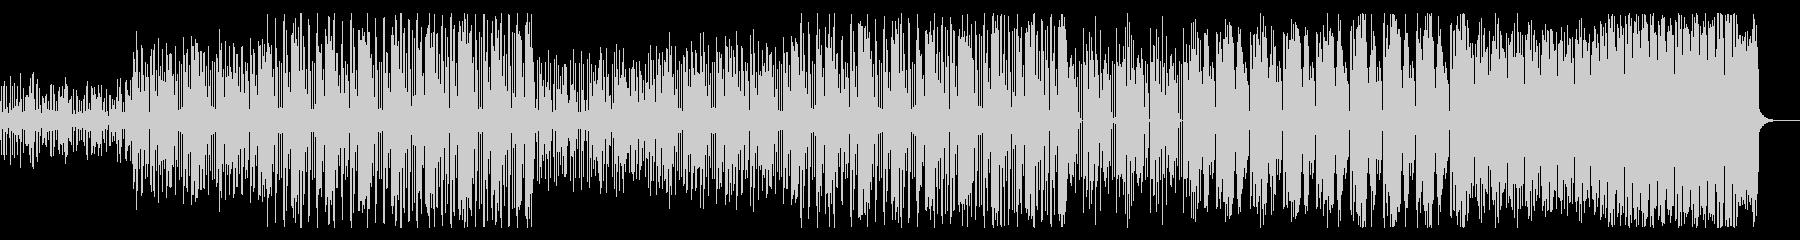 明るくふわふわとした電子音BGMの未再生の波形